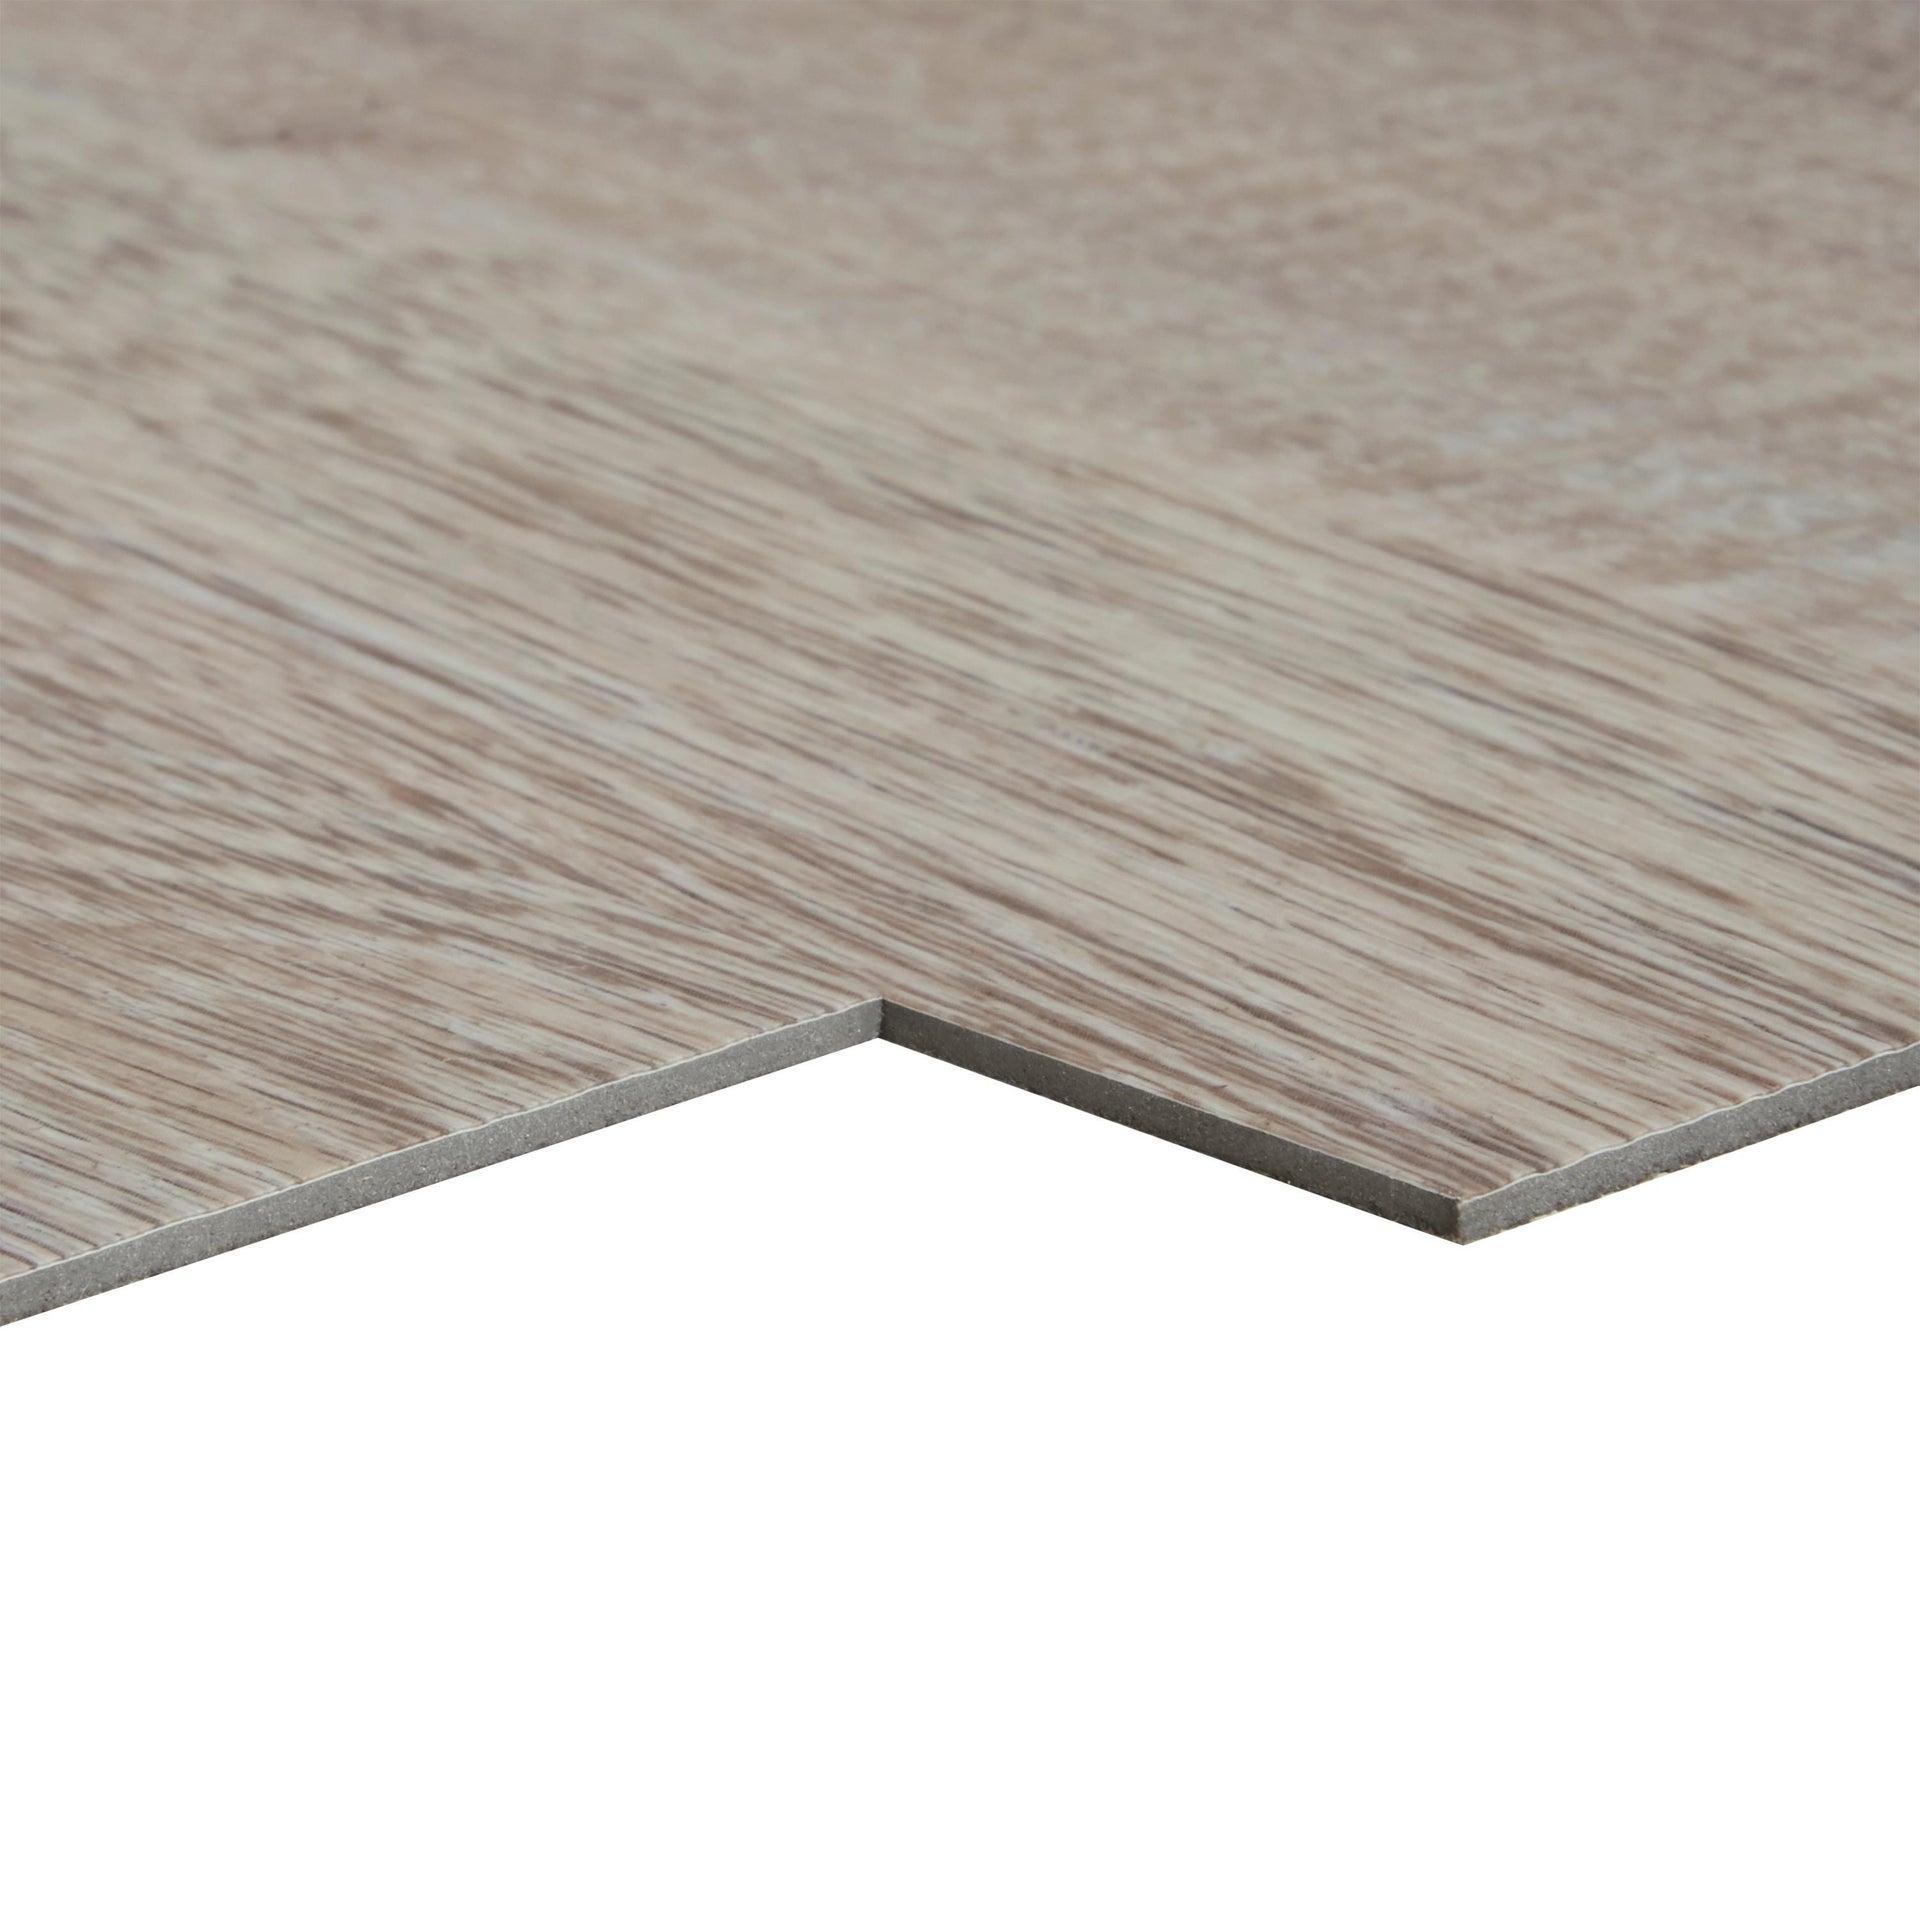 Pavimento PVC adesivo Mayum Sp 2 mm grigio / argento - 6